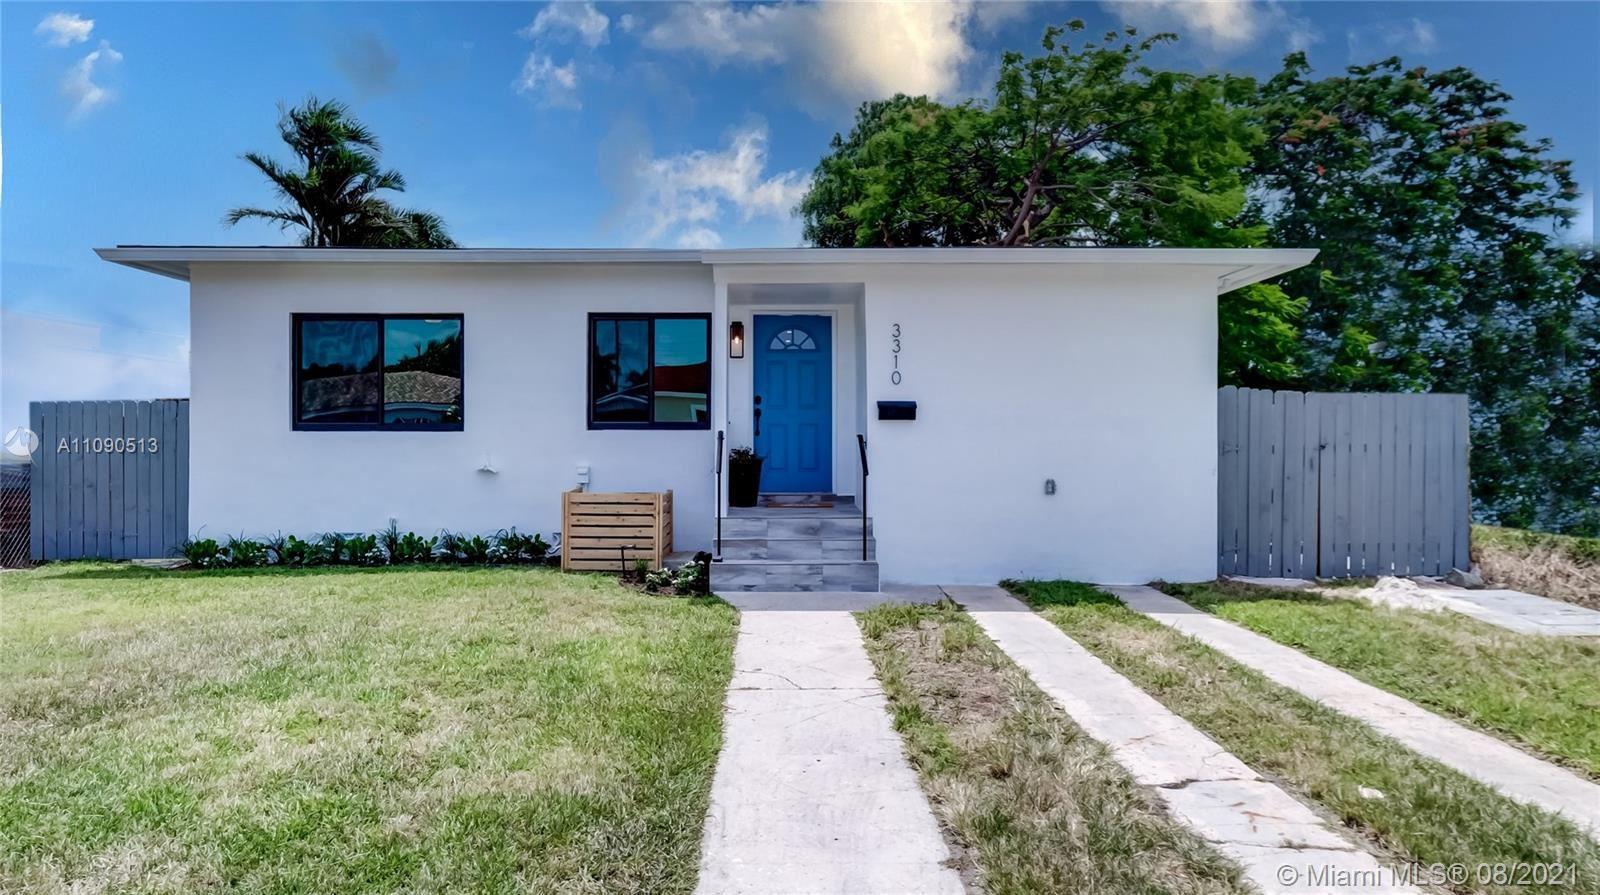 3310 SW 26th St, Miami, FL 33133 - #: A11090513